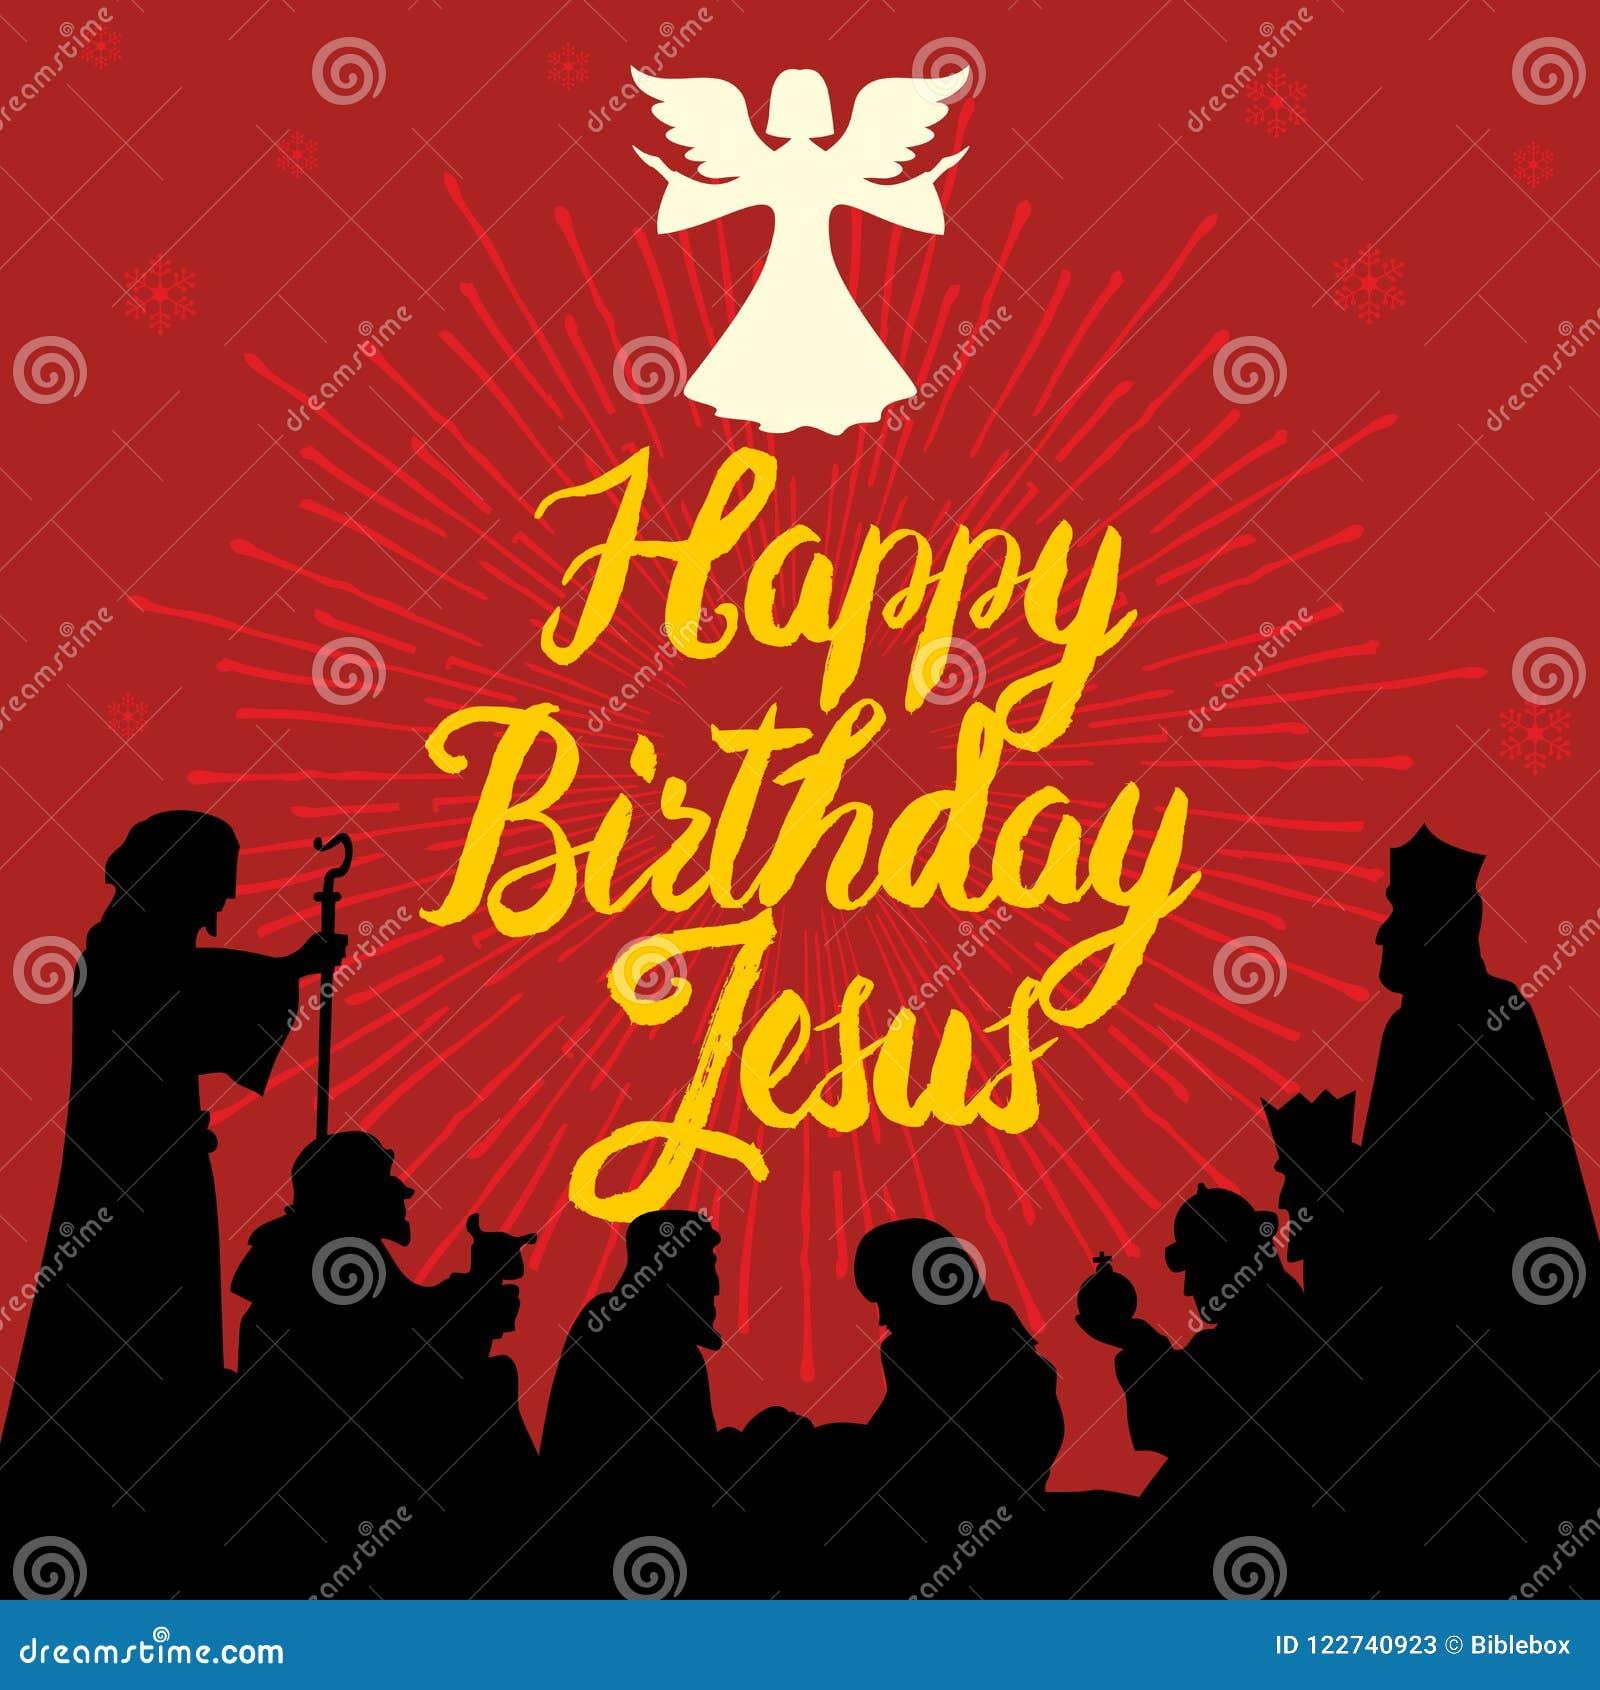 Frohe Weihnachten Jesus.Alles Gute Zum Geburtstag Jesus Frohe Weihnachten Vektor